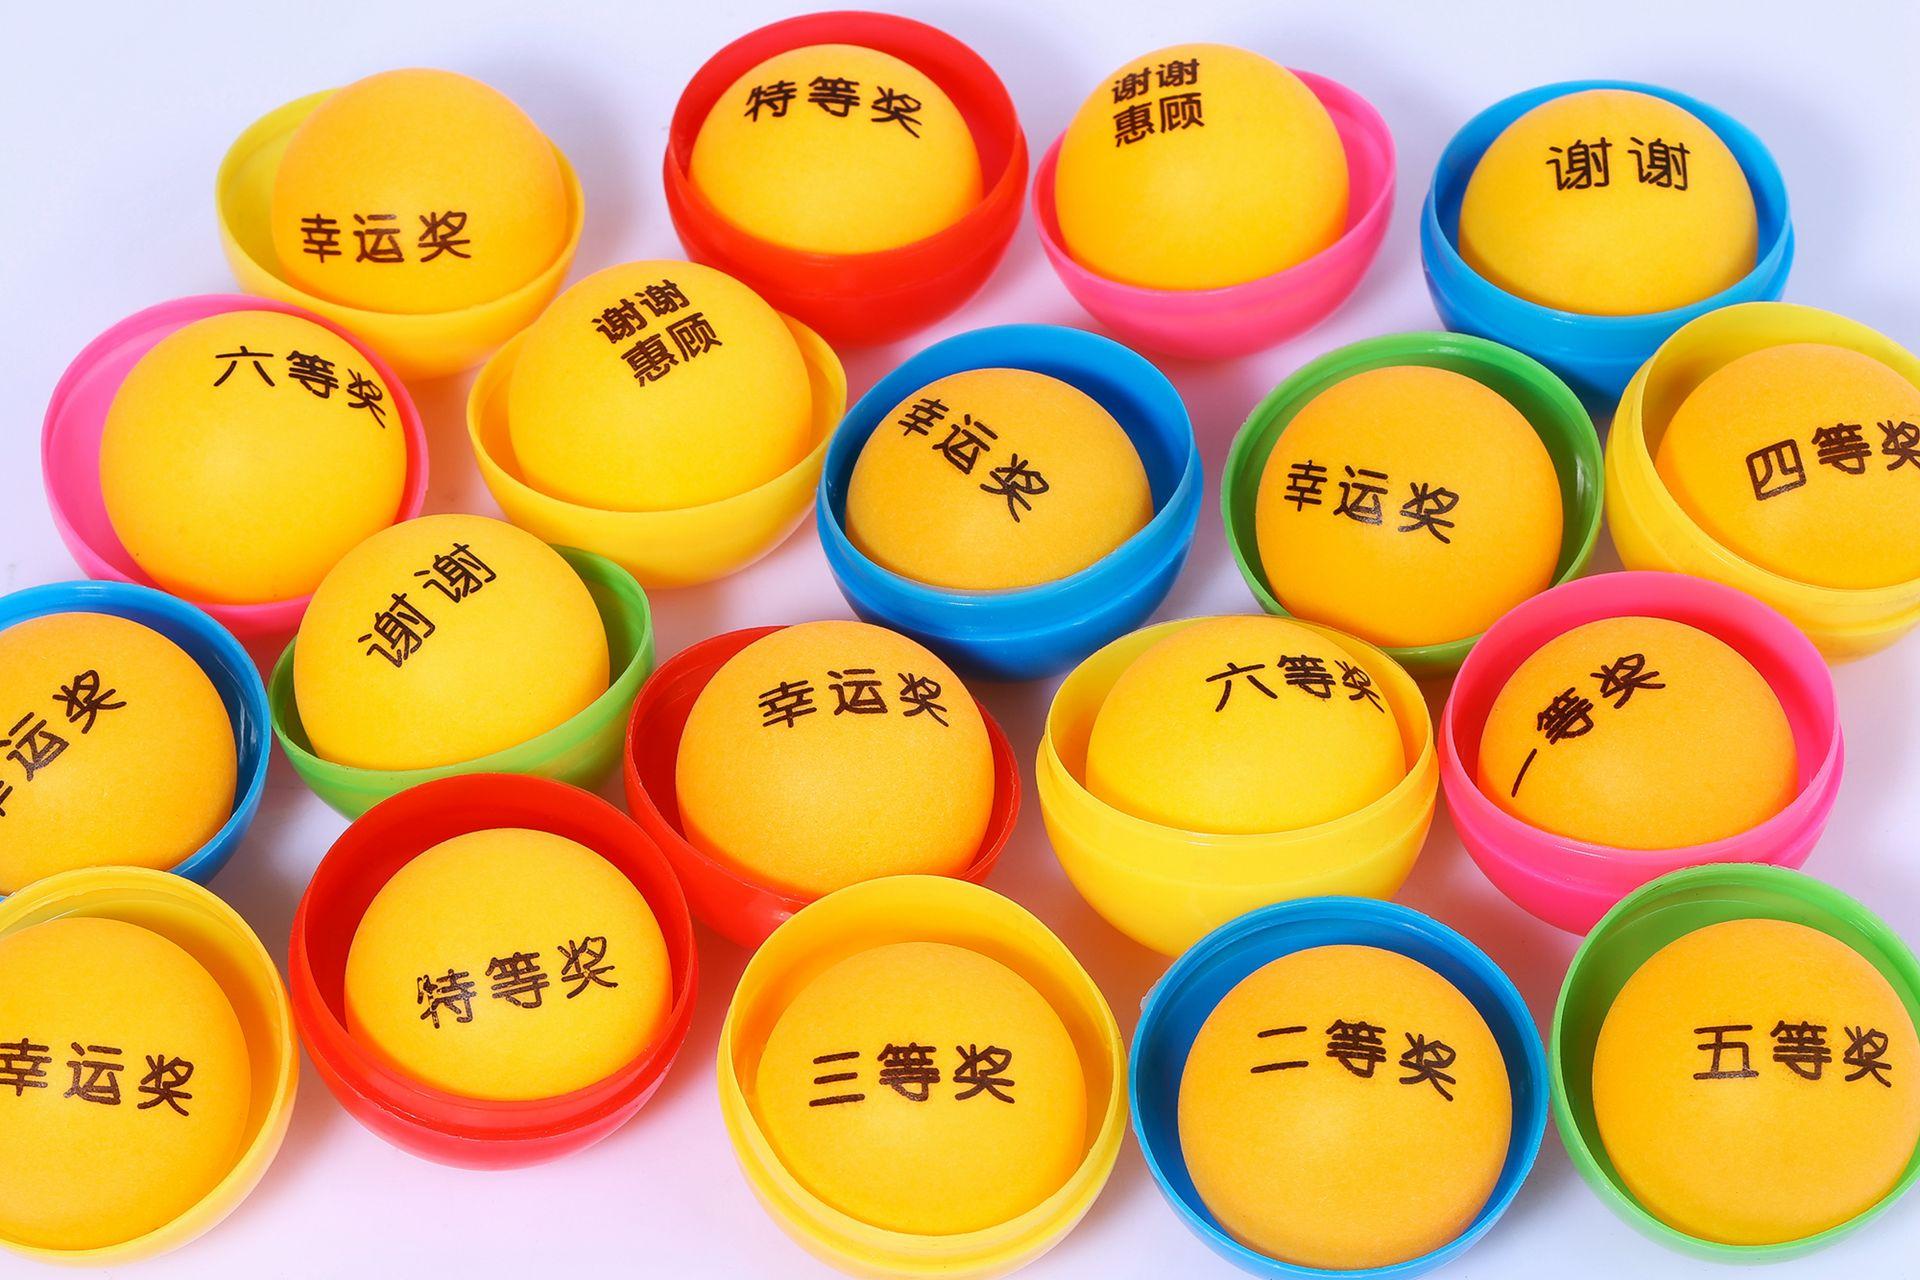 六合彩明牌-六合彩投注玩法技巧 玖天娛樂城